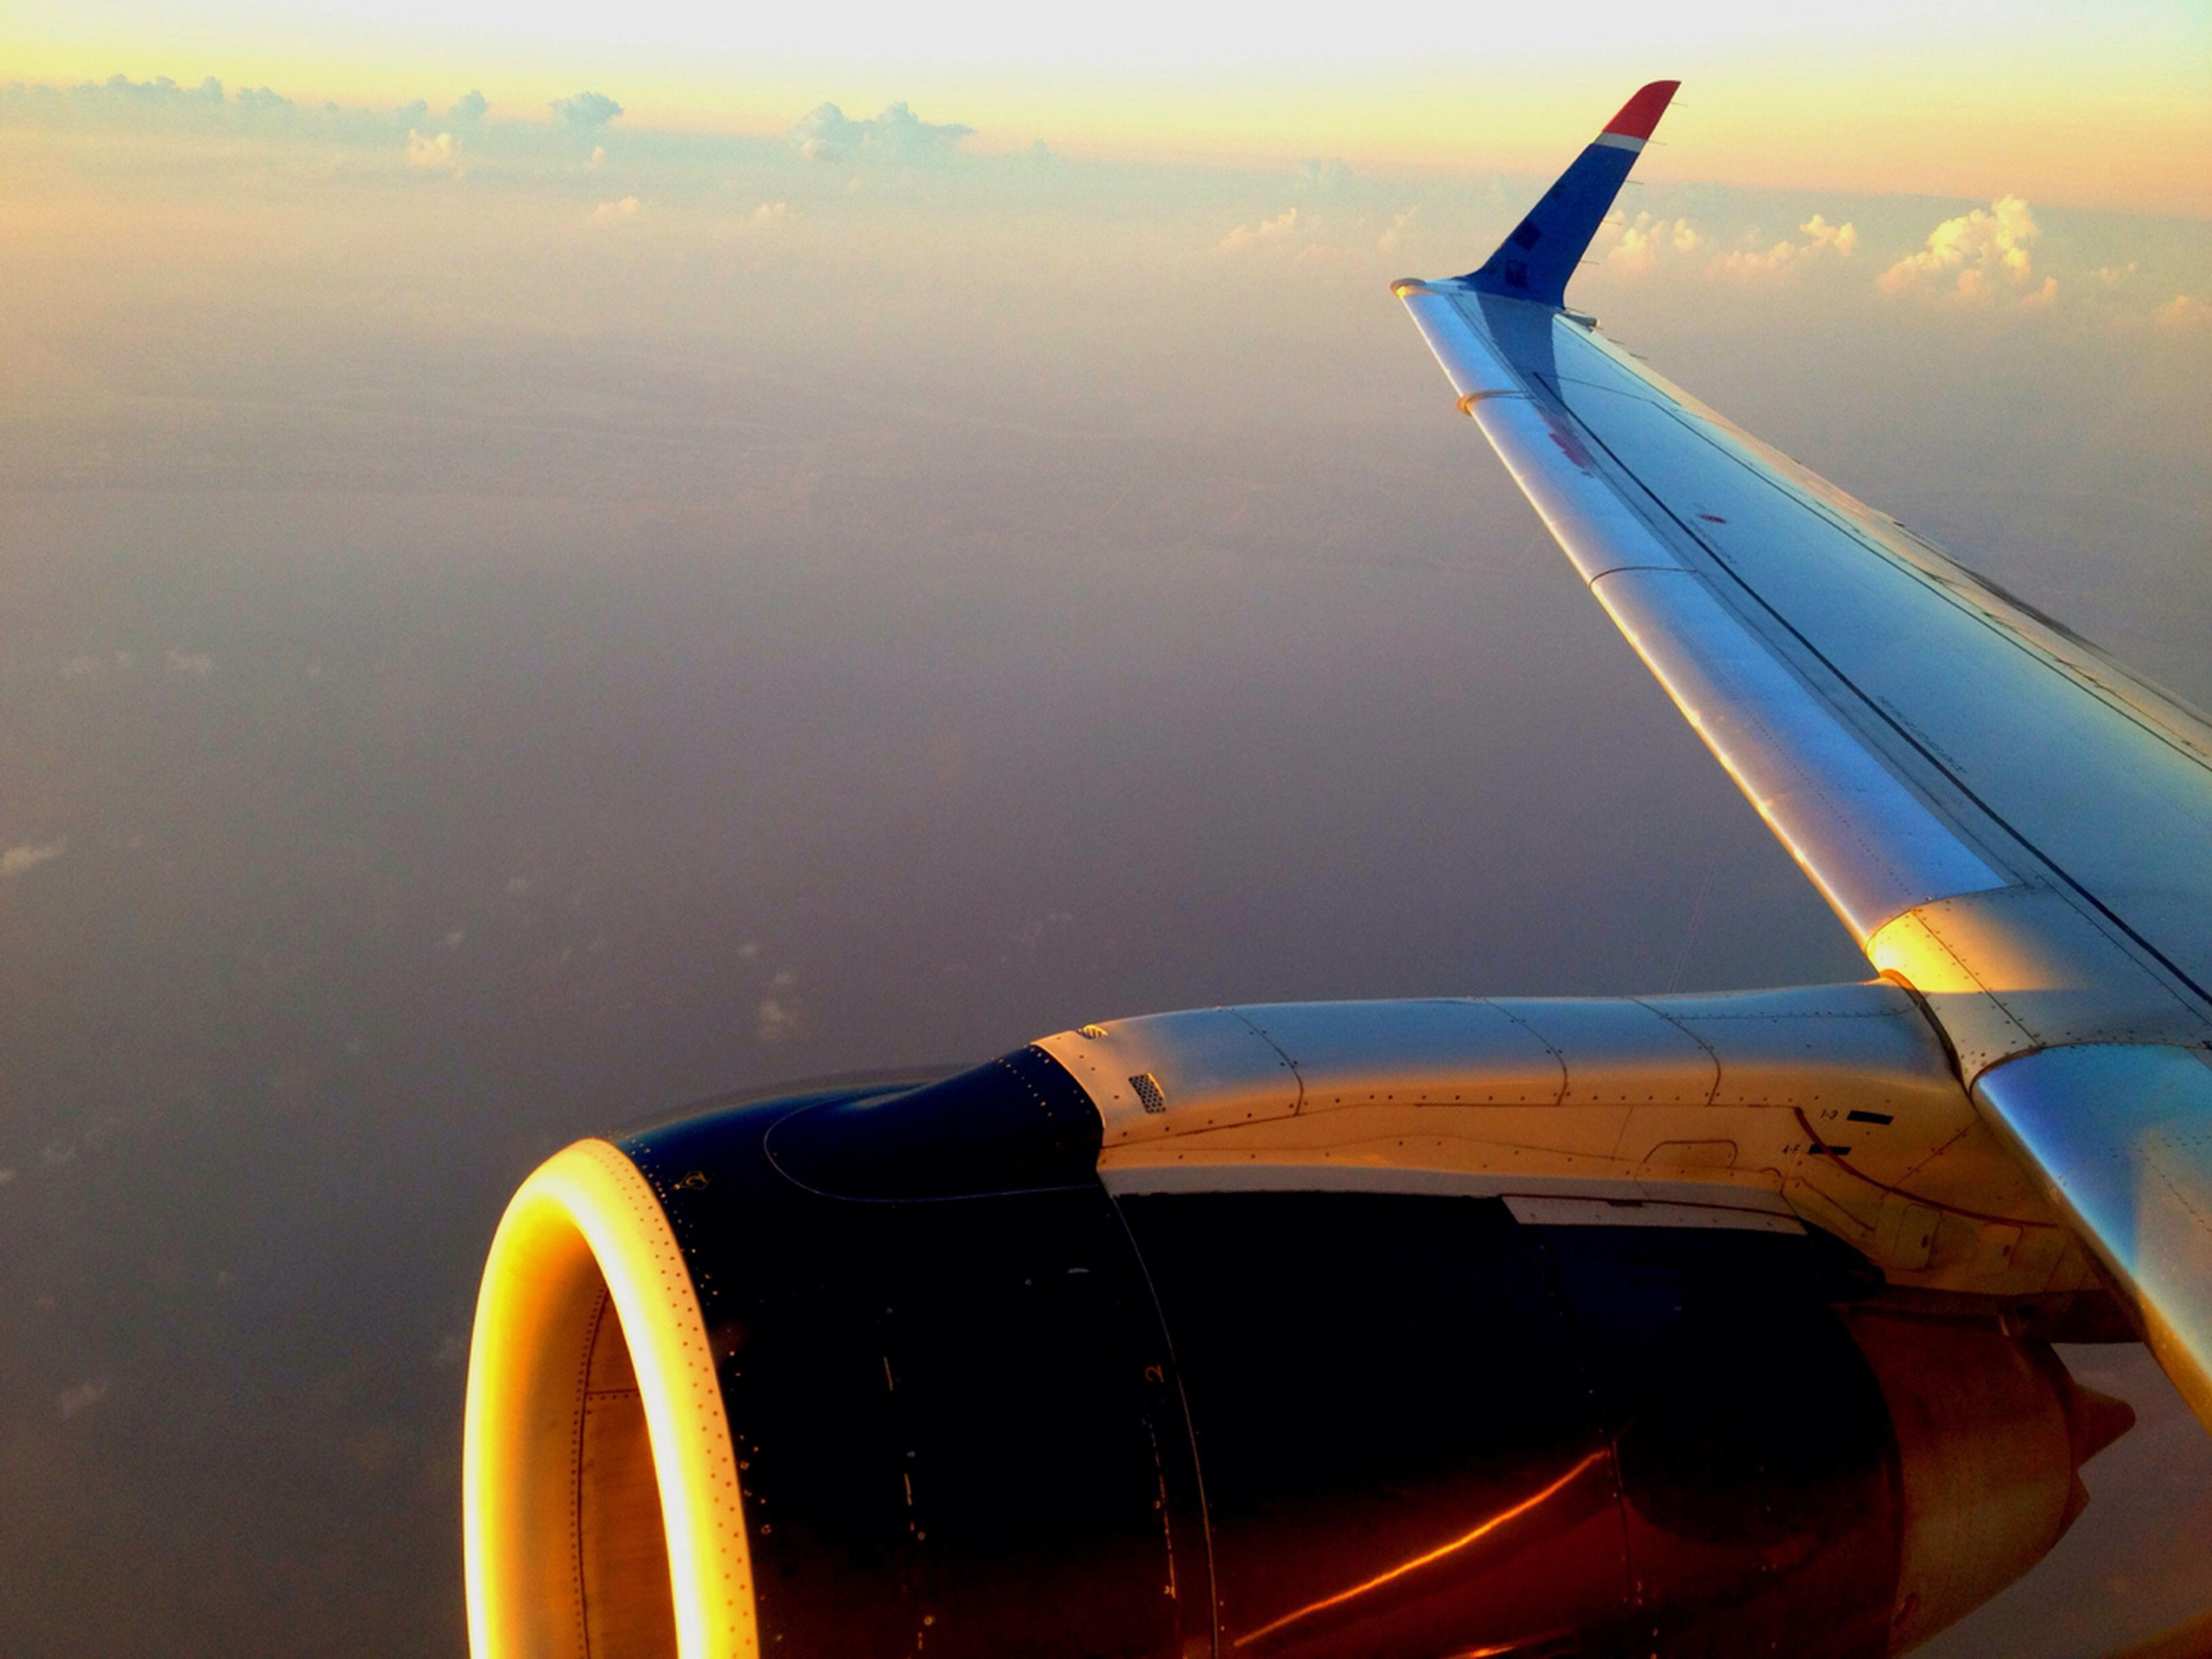 Sunrise over Louisiana